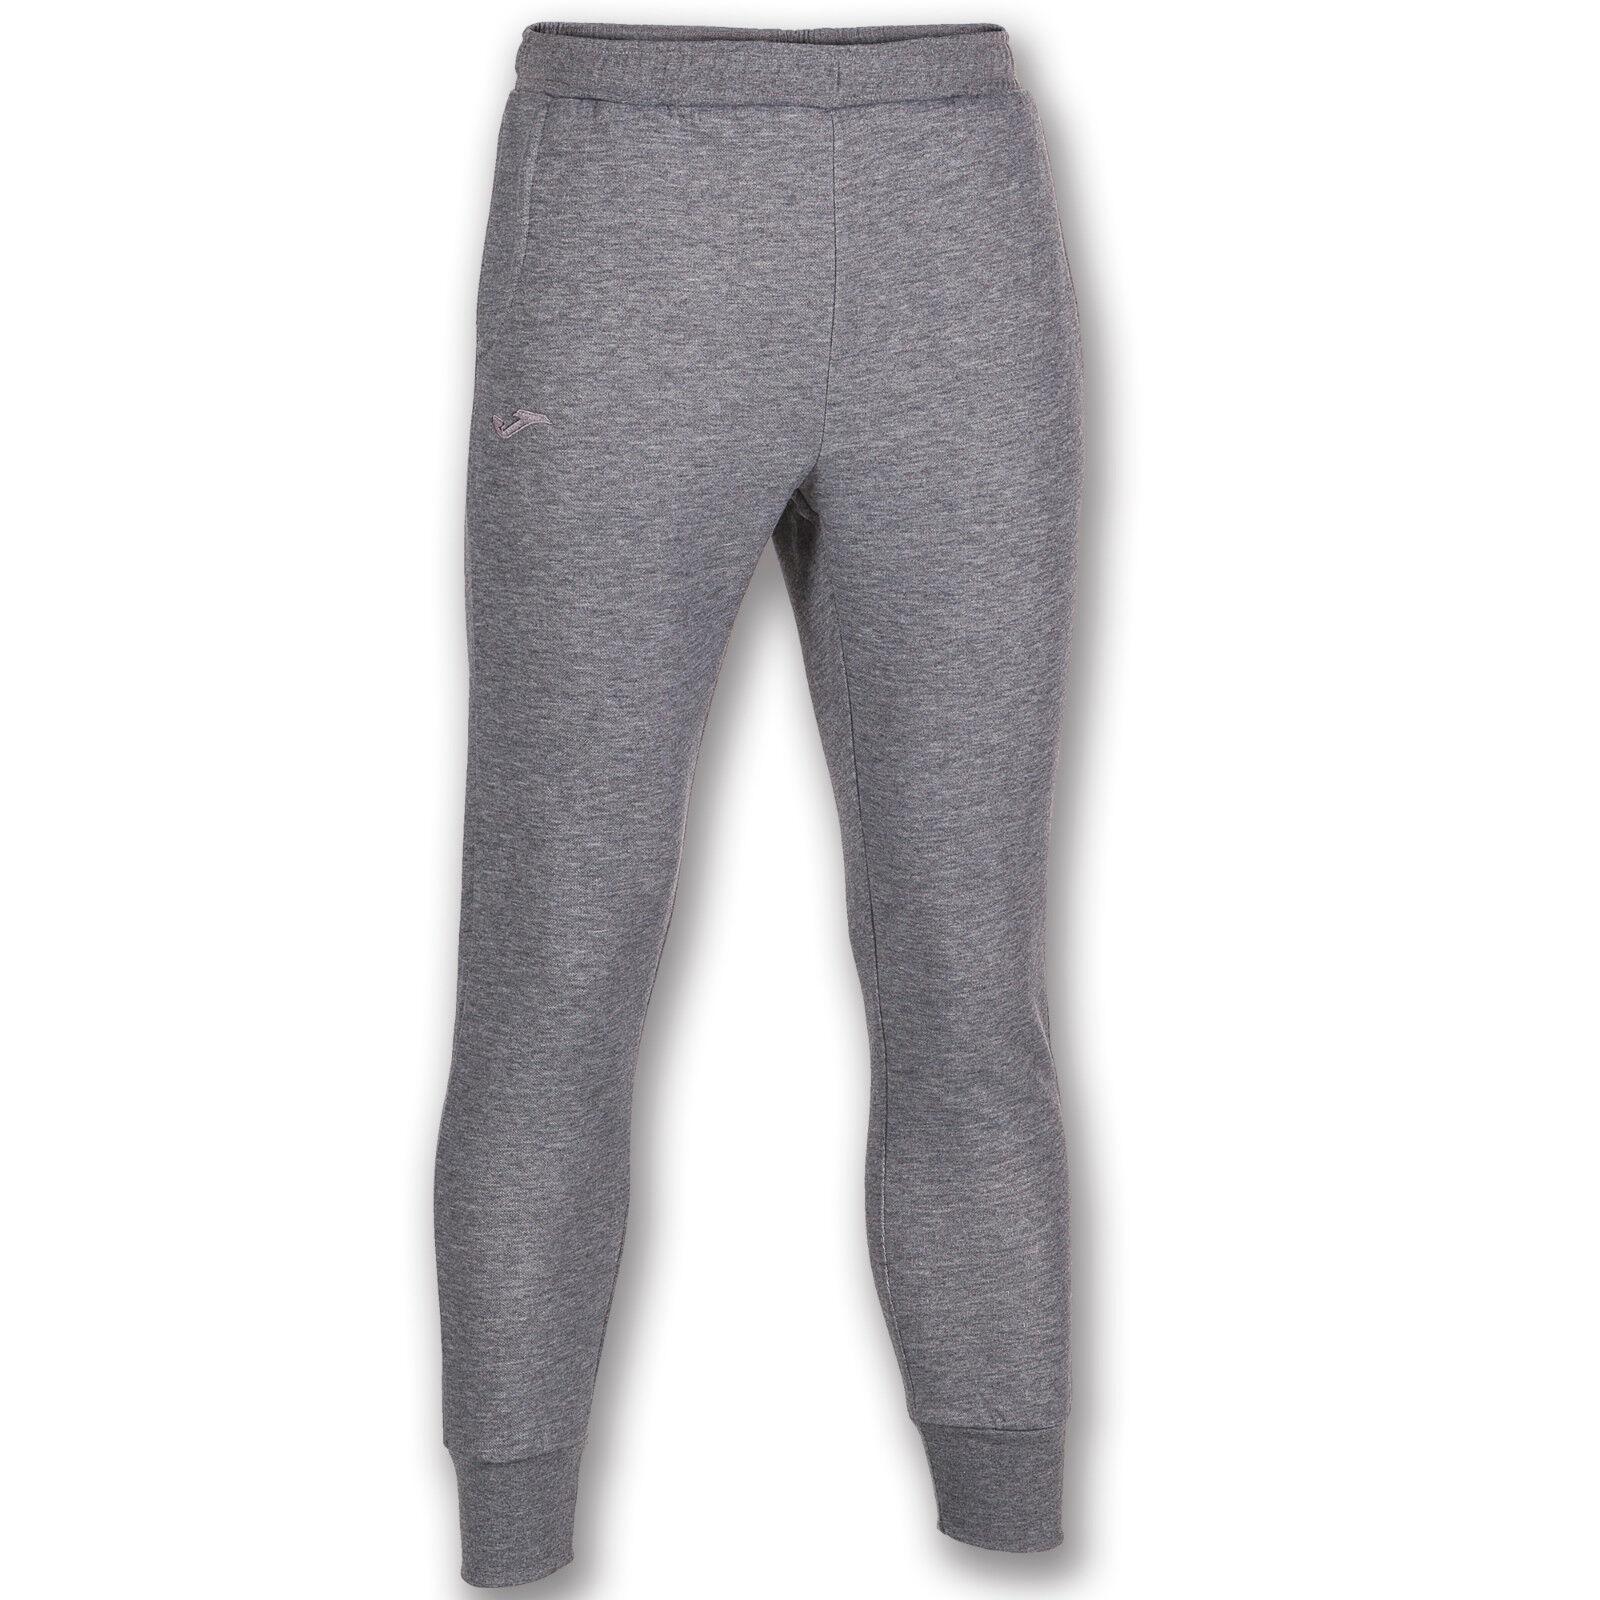 Pantalone Felpa relax Joma elastico in vita e polsino in fondo. Tasche laterali